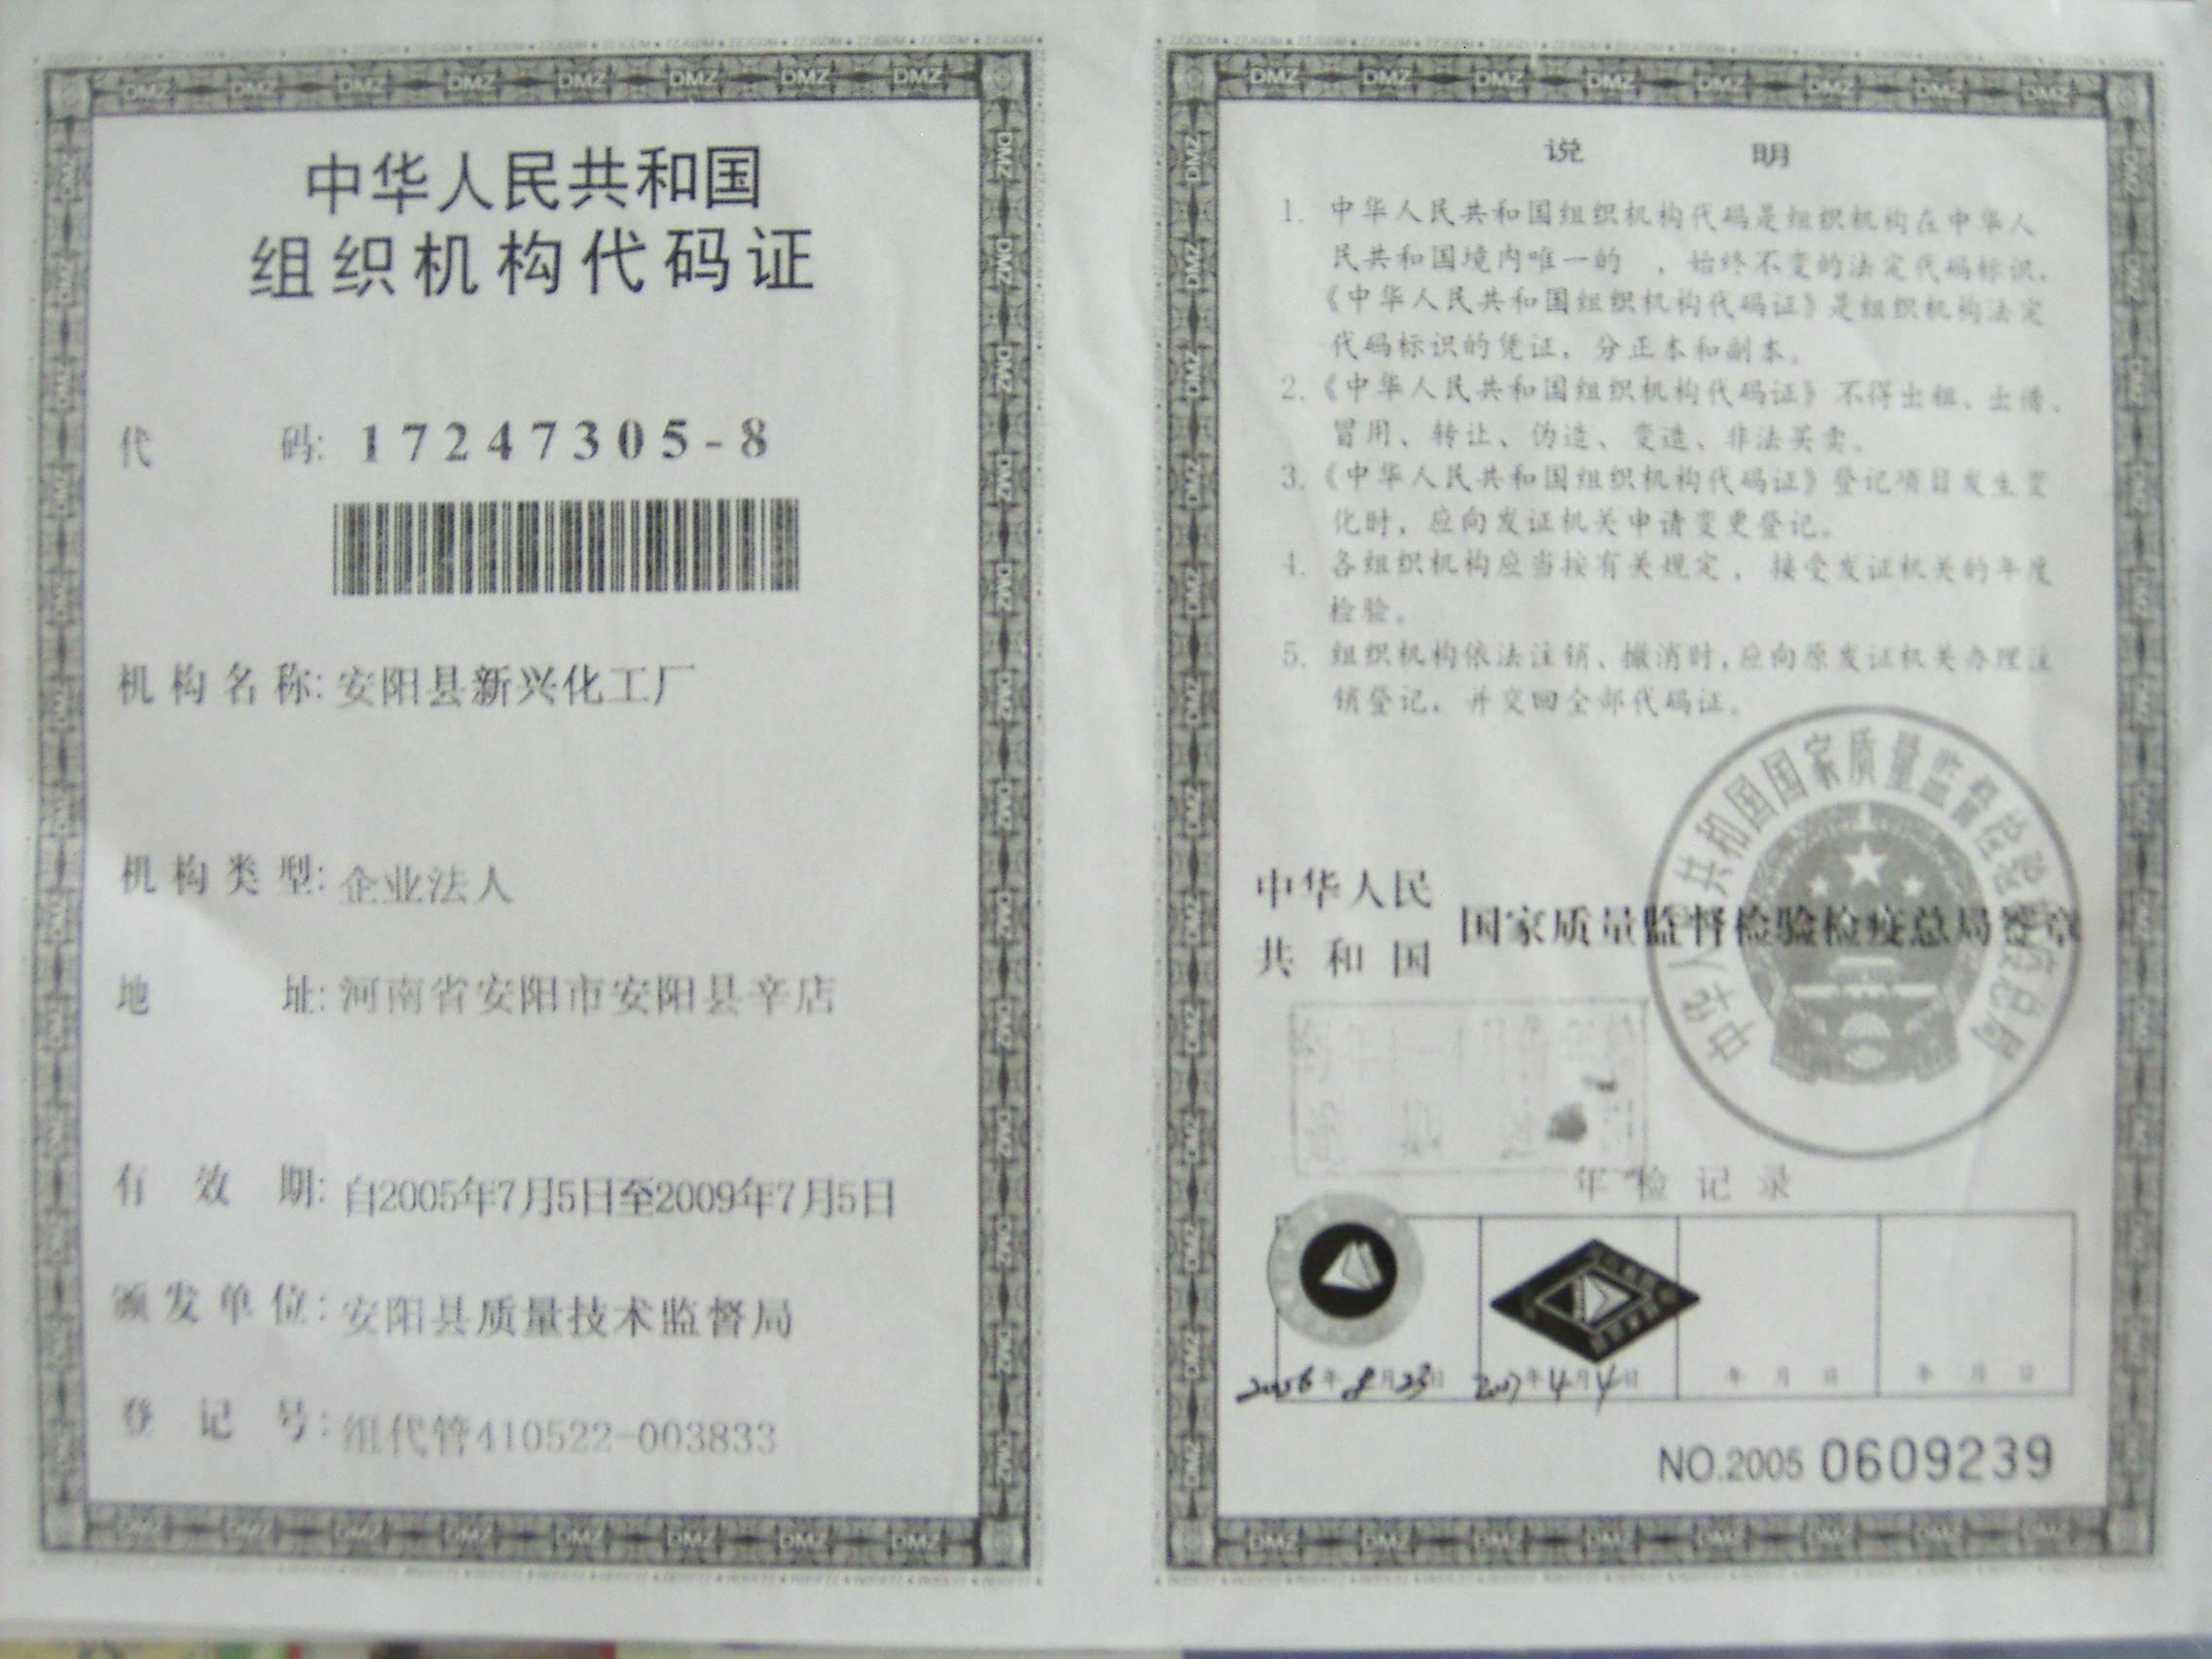 质量检验证书 - 胜战防水